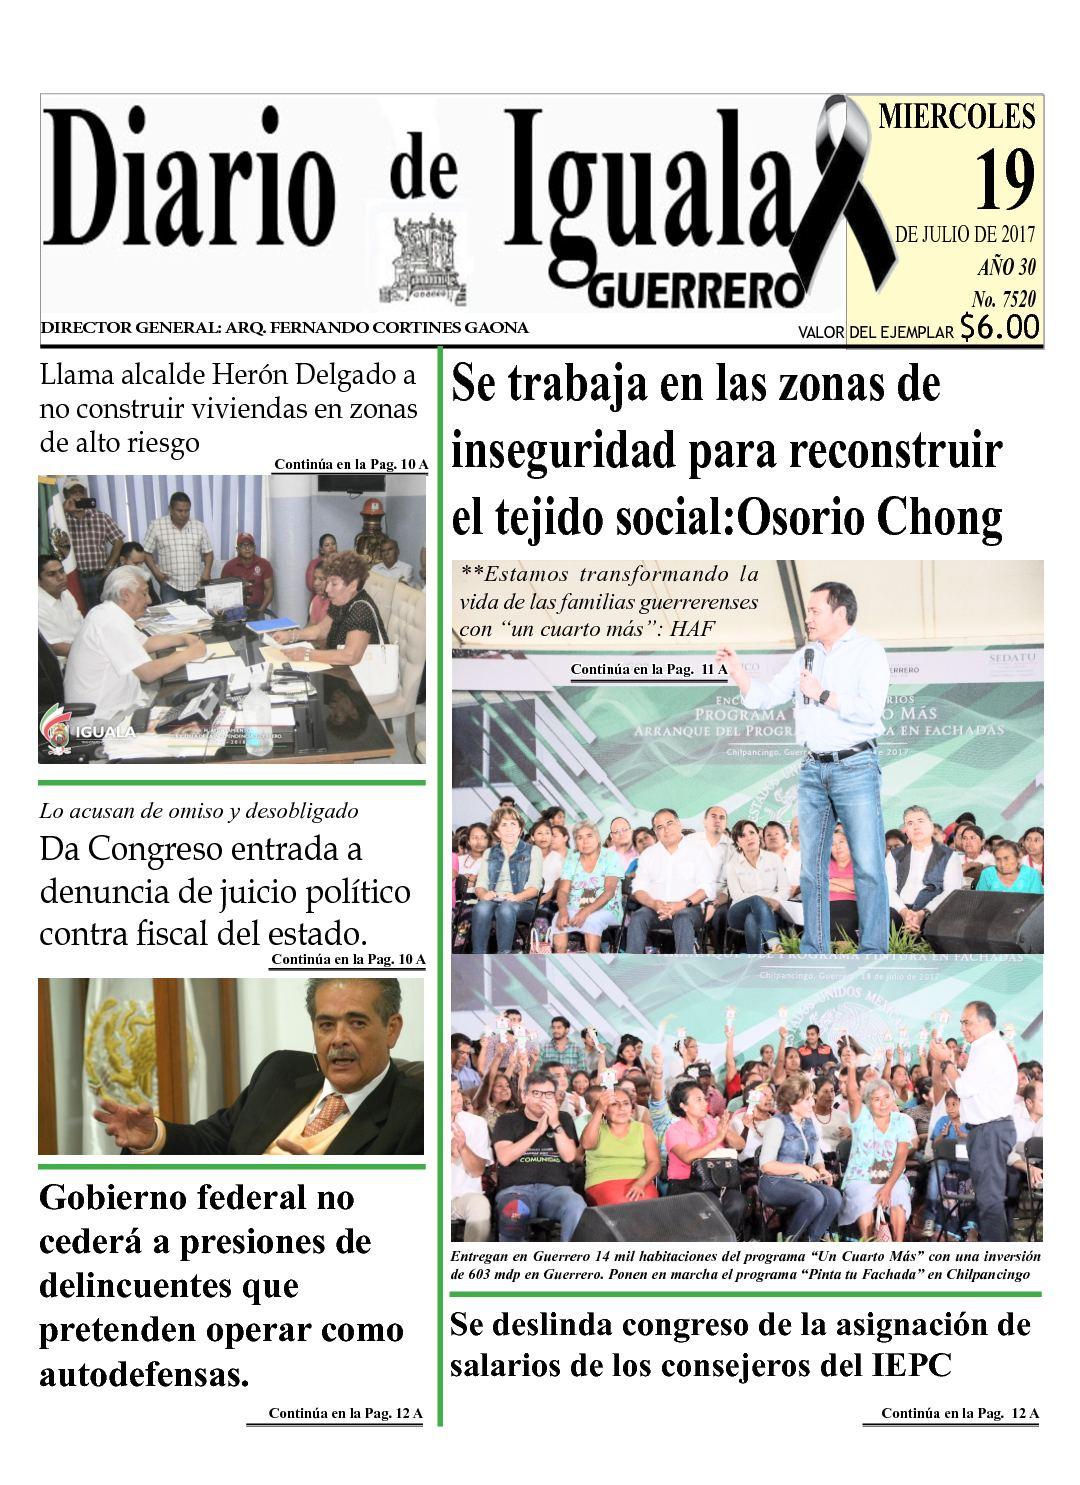 Diario De Iguala Miercoles 19 De Julio De 2017